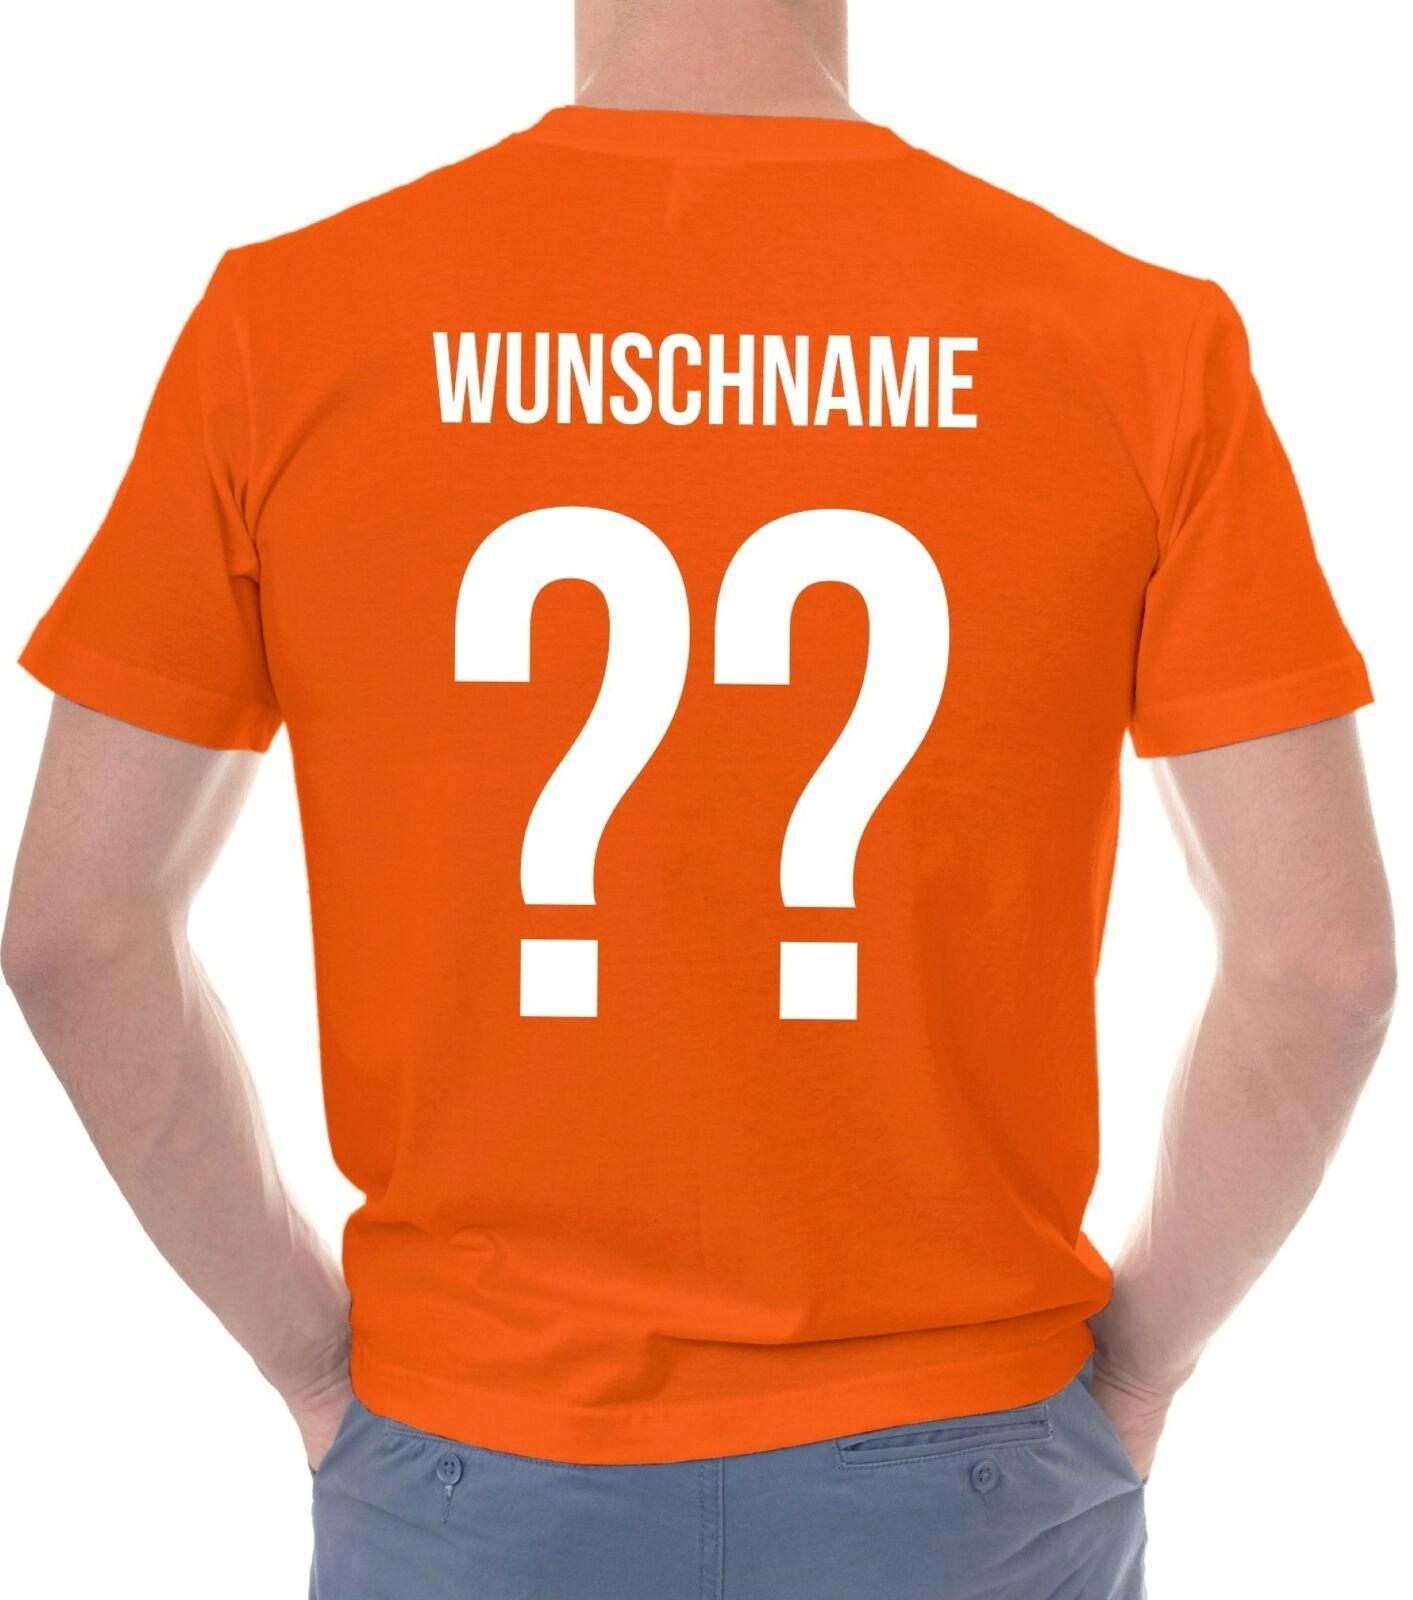 Wunschnummer T-Shirt NEU Südkorea Trikot WM-2018 Look Wunschname